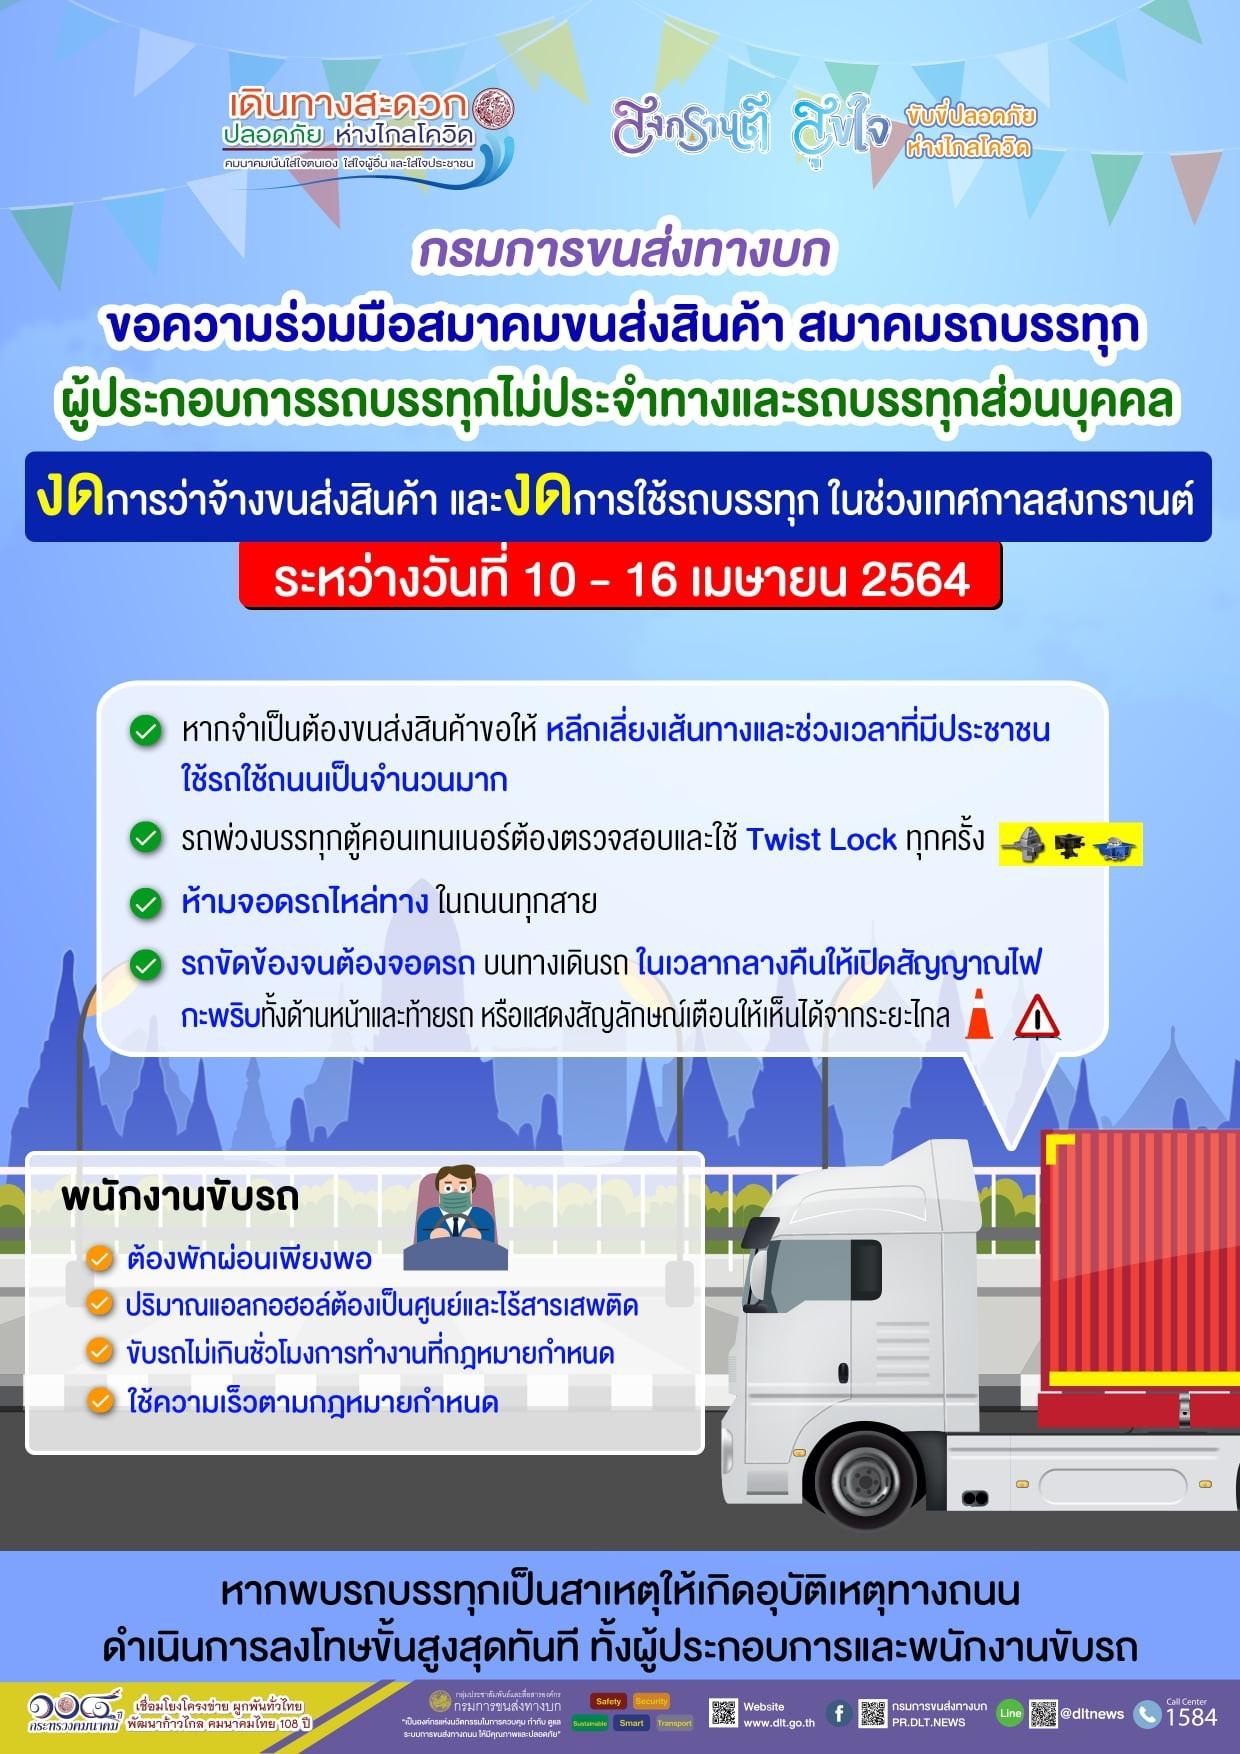 กรมการขนส่งทางบก ขอความร่วมมือ ผู้ประกอบการขนส่งด้วยรถบรรทุกงดวิ่ง เทศกาลสงกรานต์ 2564